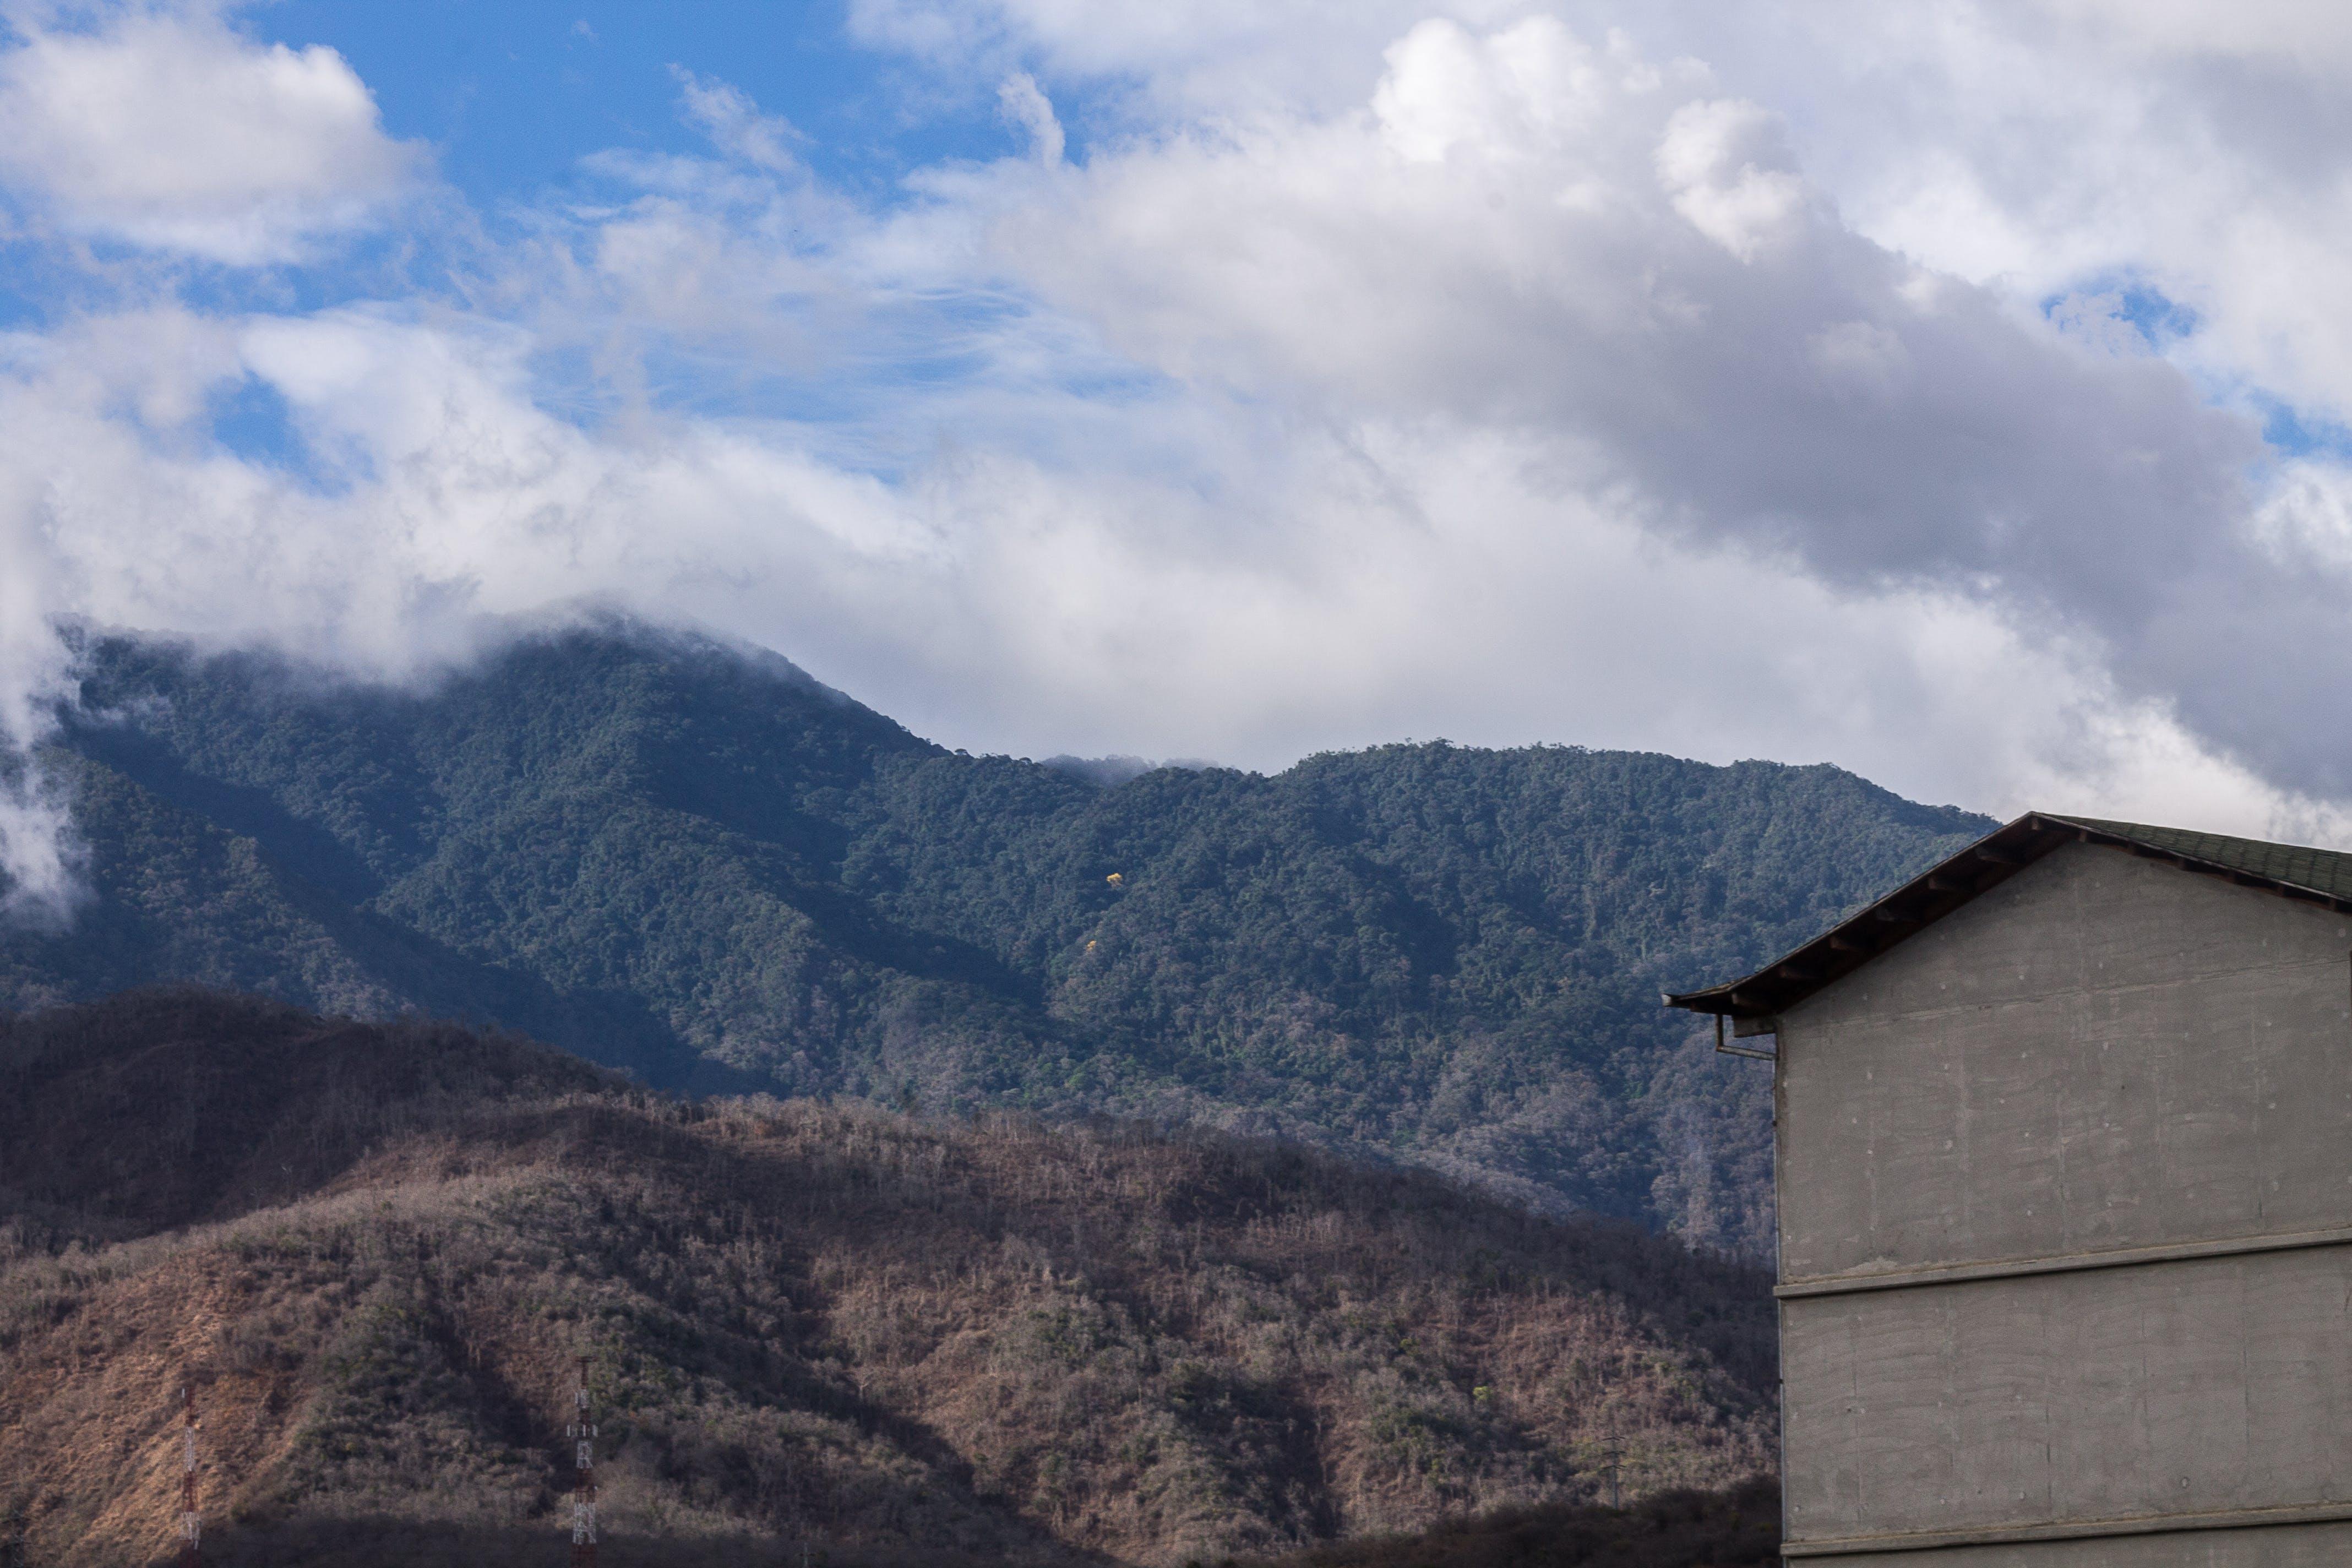 Foto profissional grátis de azul, céu, montanha, nuvens